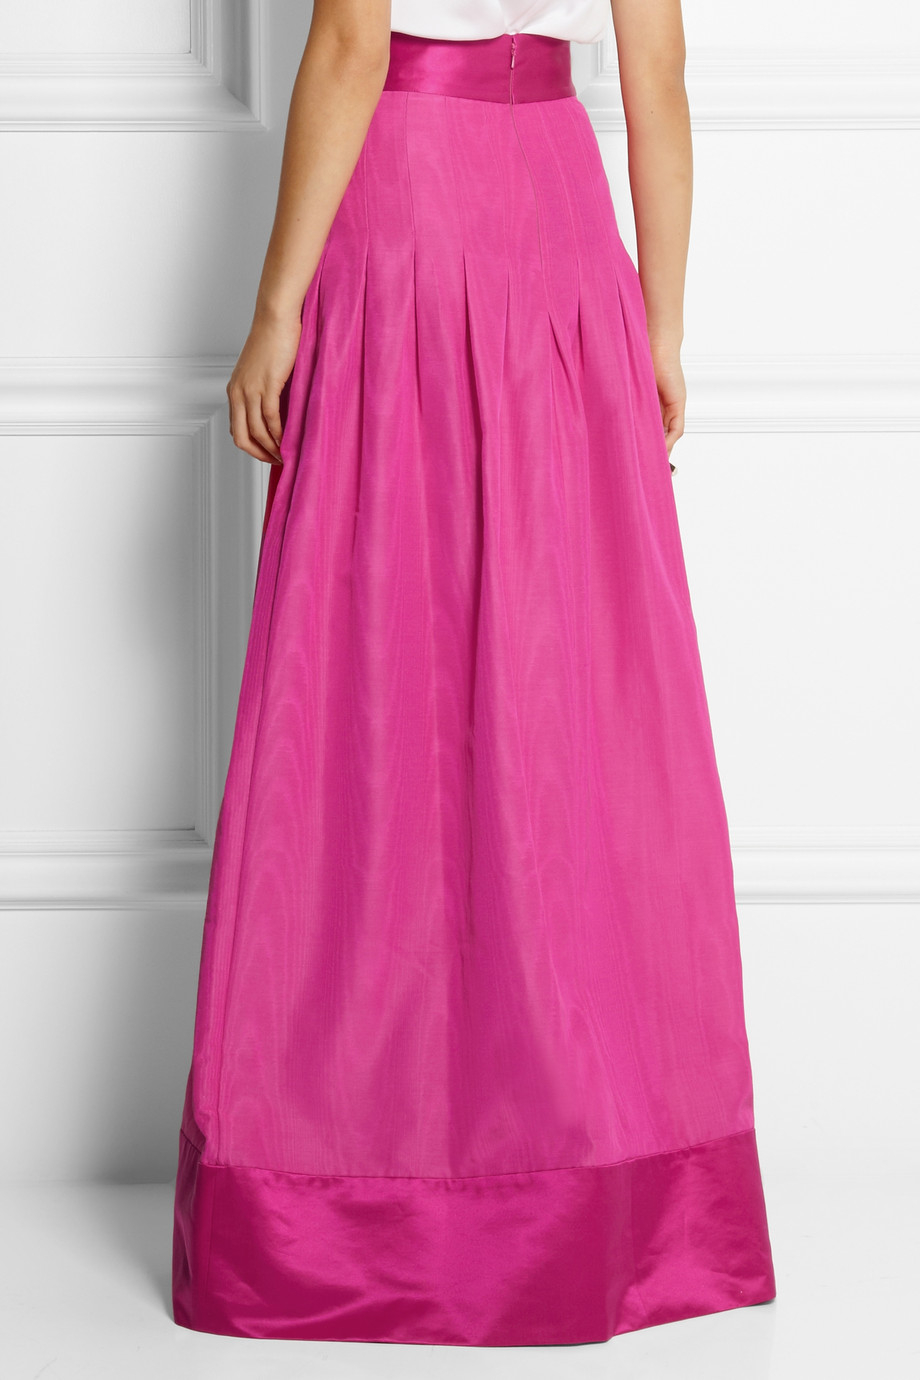 Temperley london Palais Cotton-Blend Taffeta Maxi Skirt in Pink | Lyst